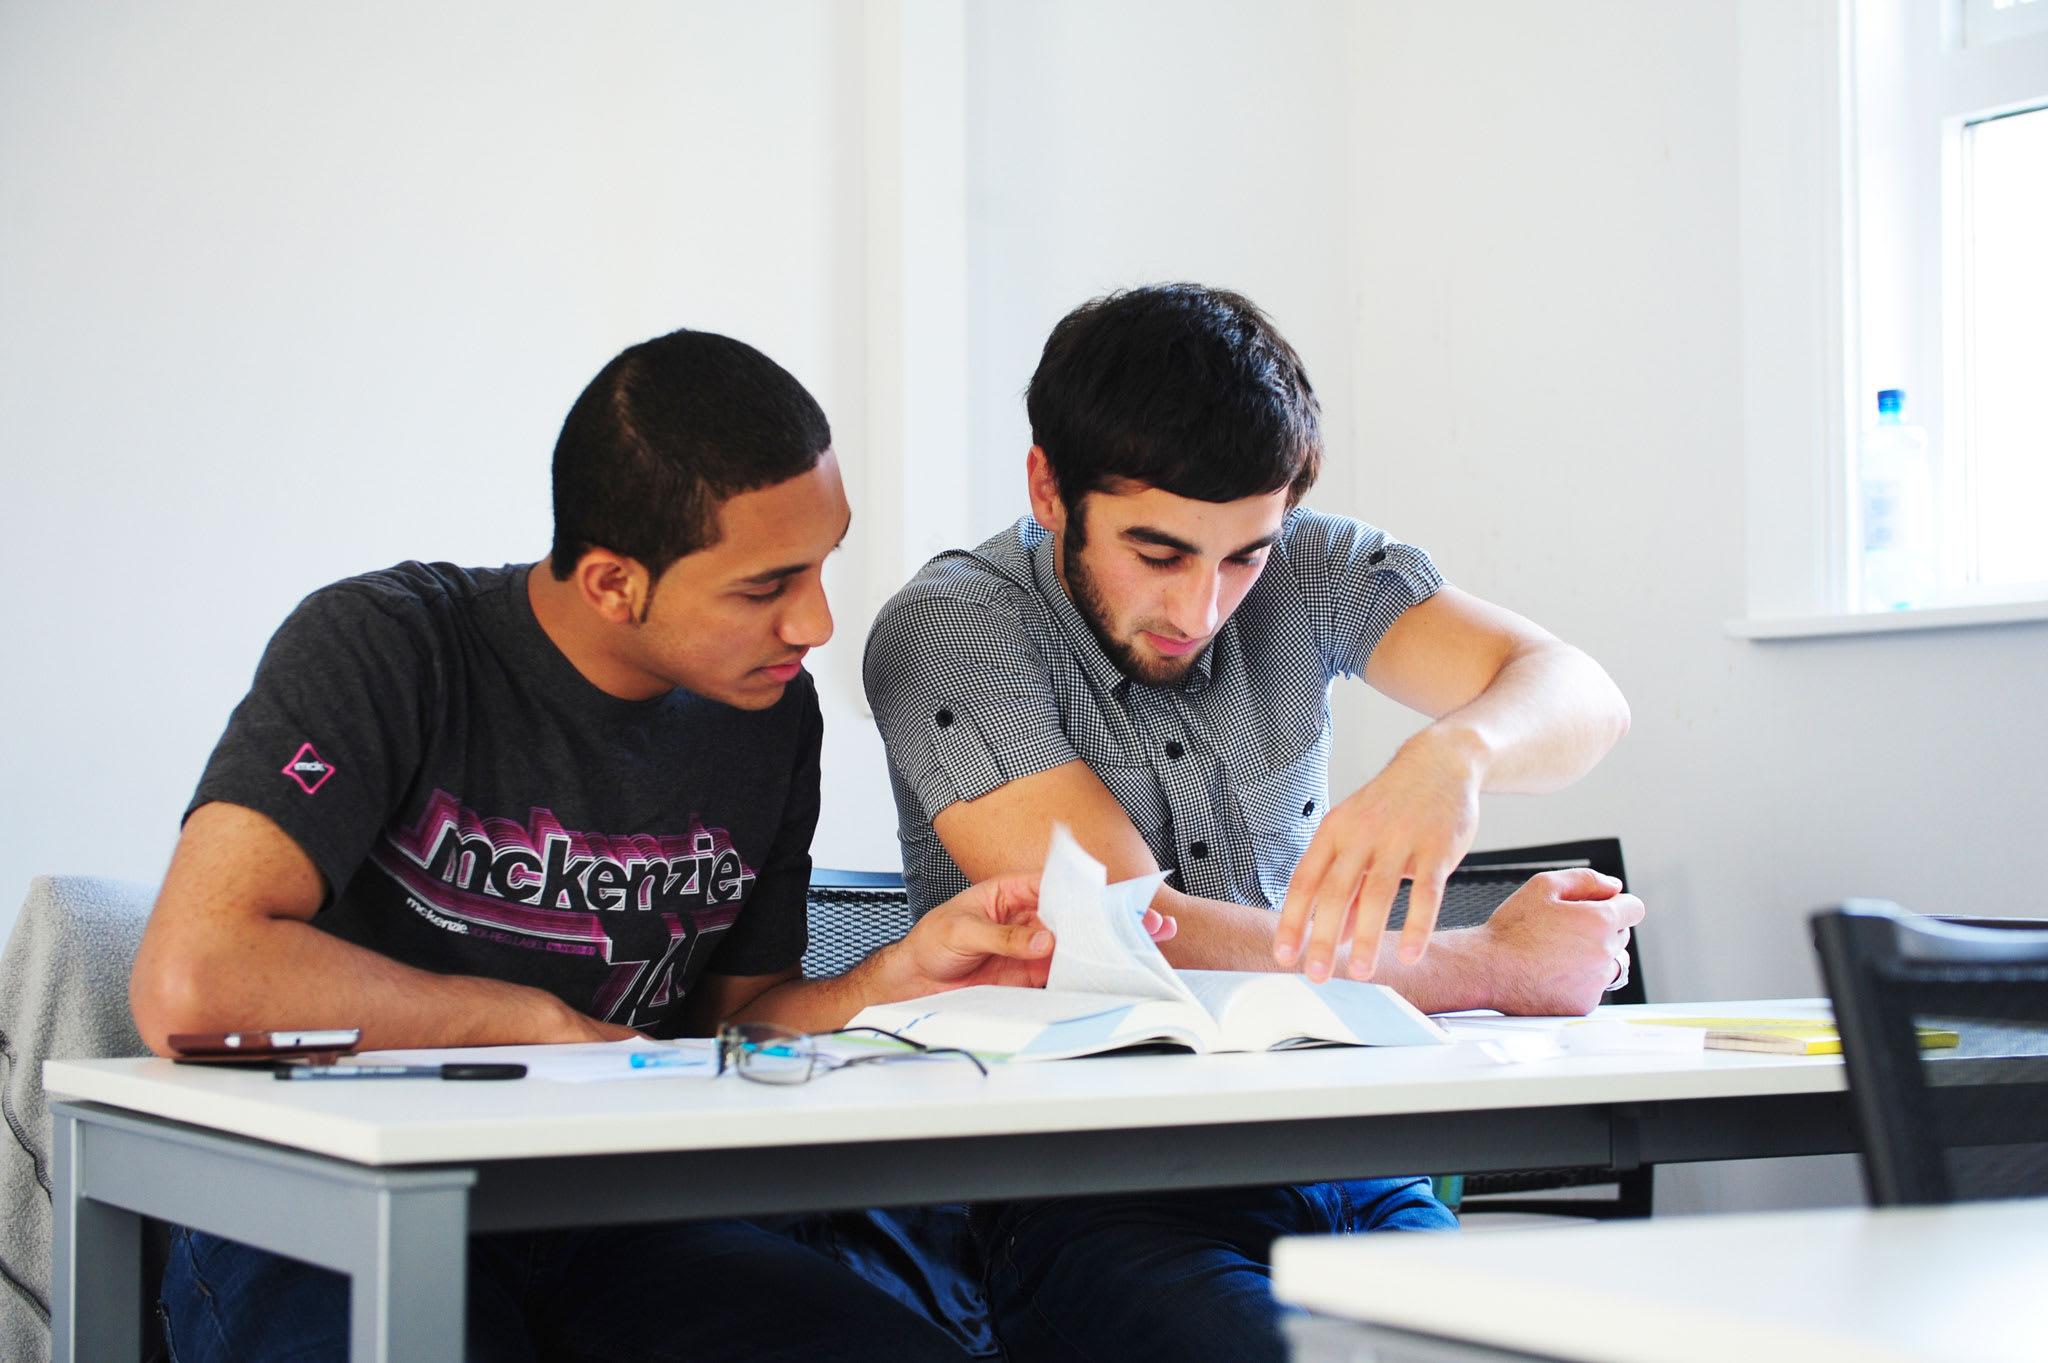 提高学术写作水平,迎接学位学习挑战